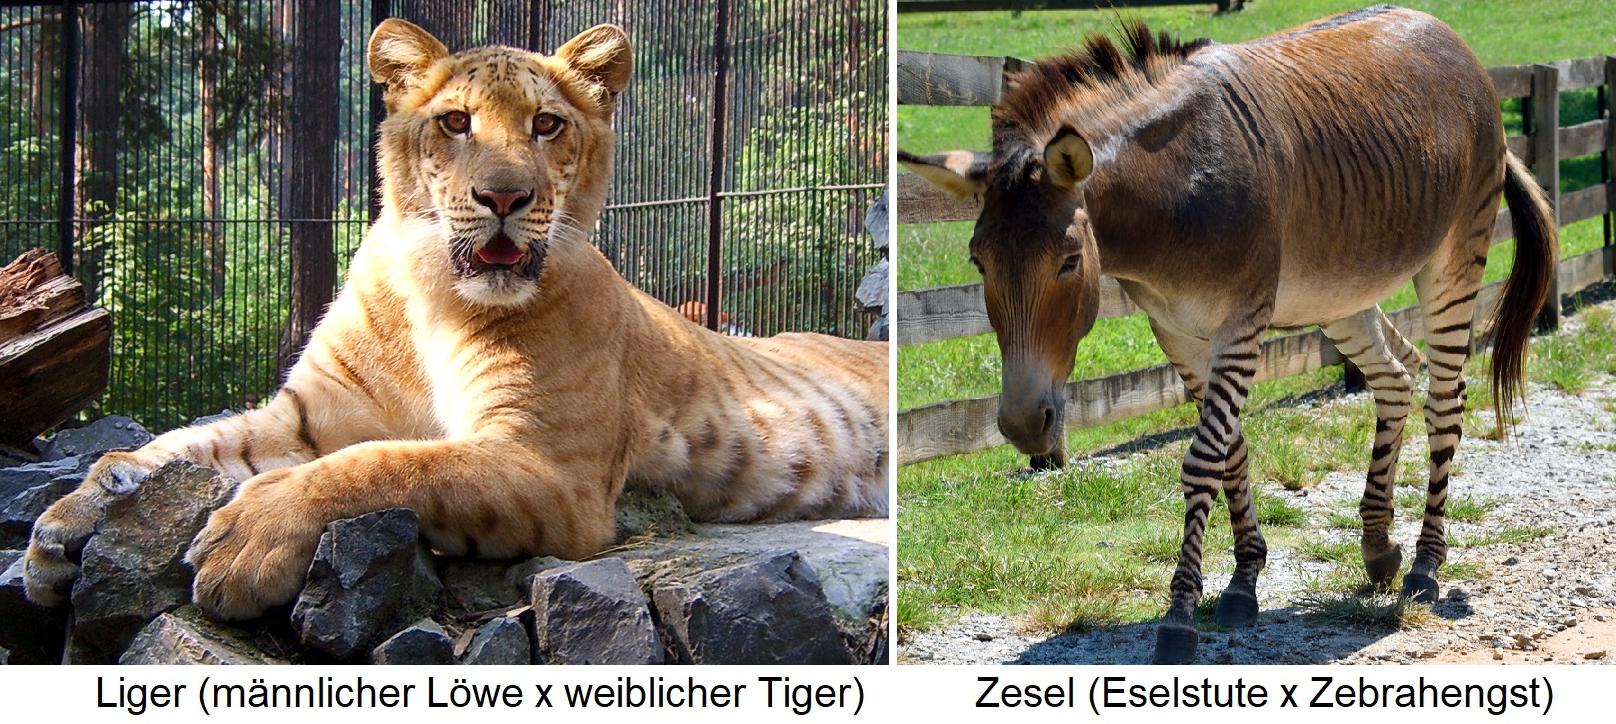 Hybriden Tiere - Liger (Löwe x Tiger) / Zesel (Zebra x Esel)